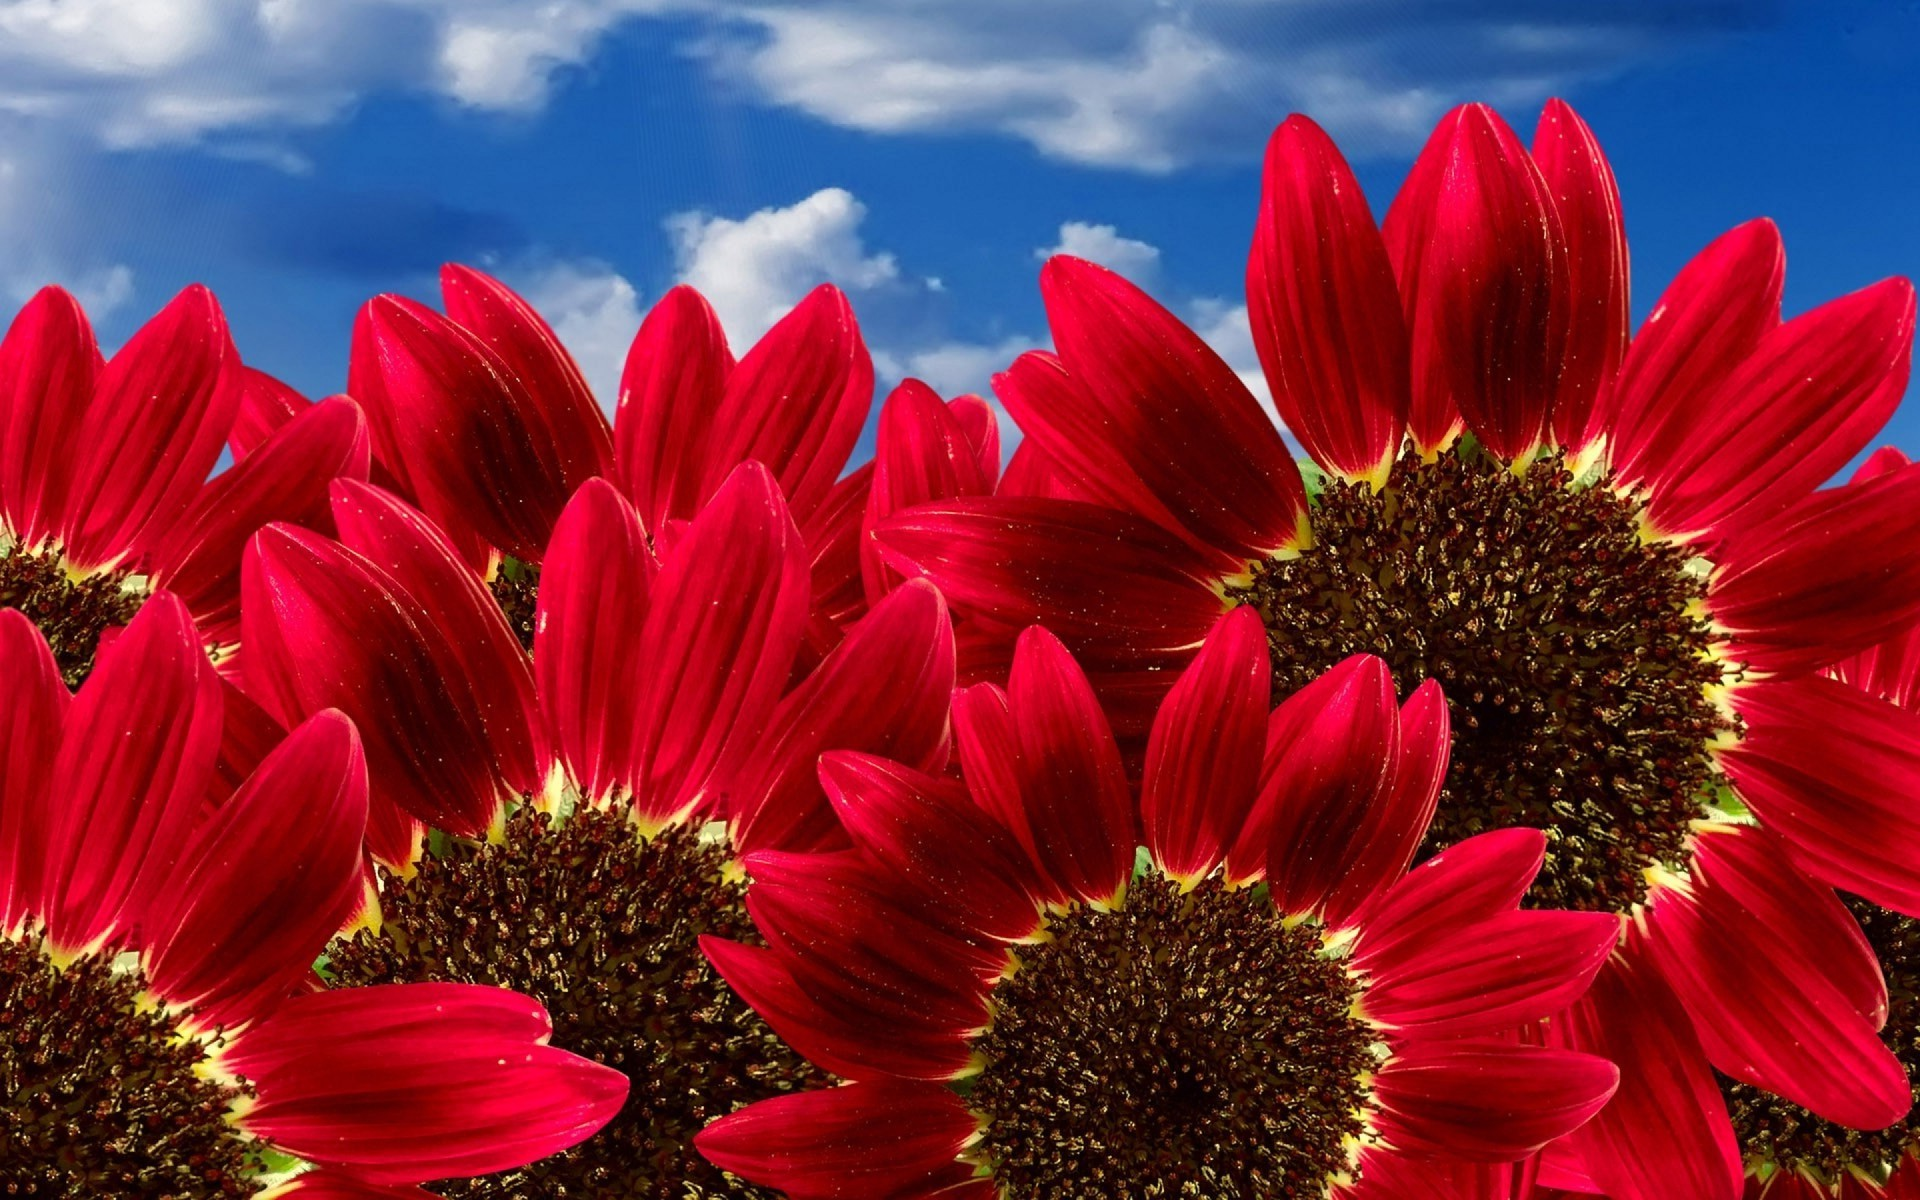 Desktop Wallpaper Red Sunflower Wallpaper